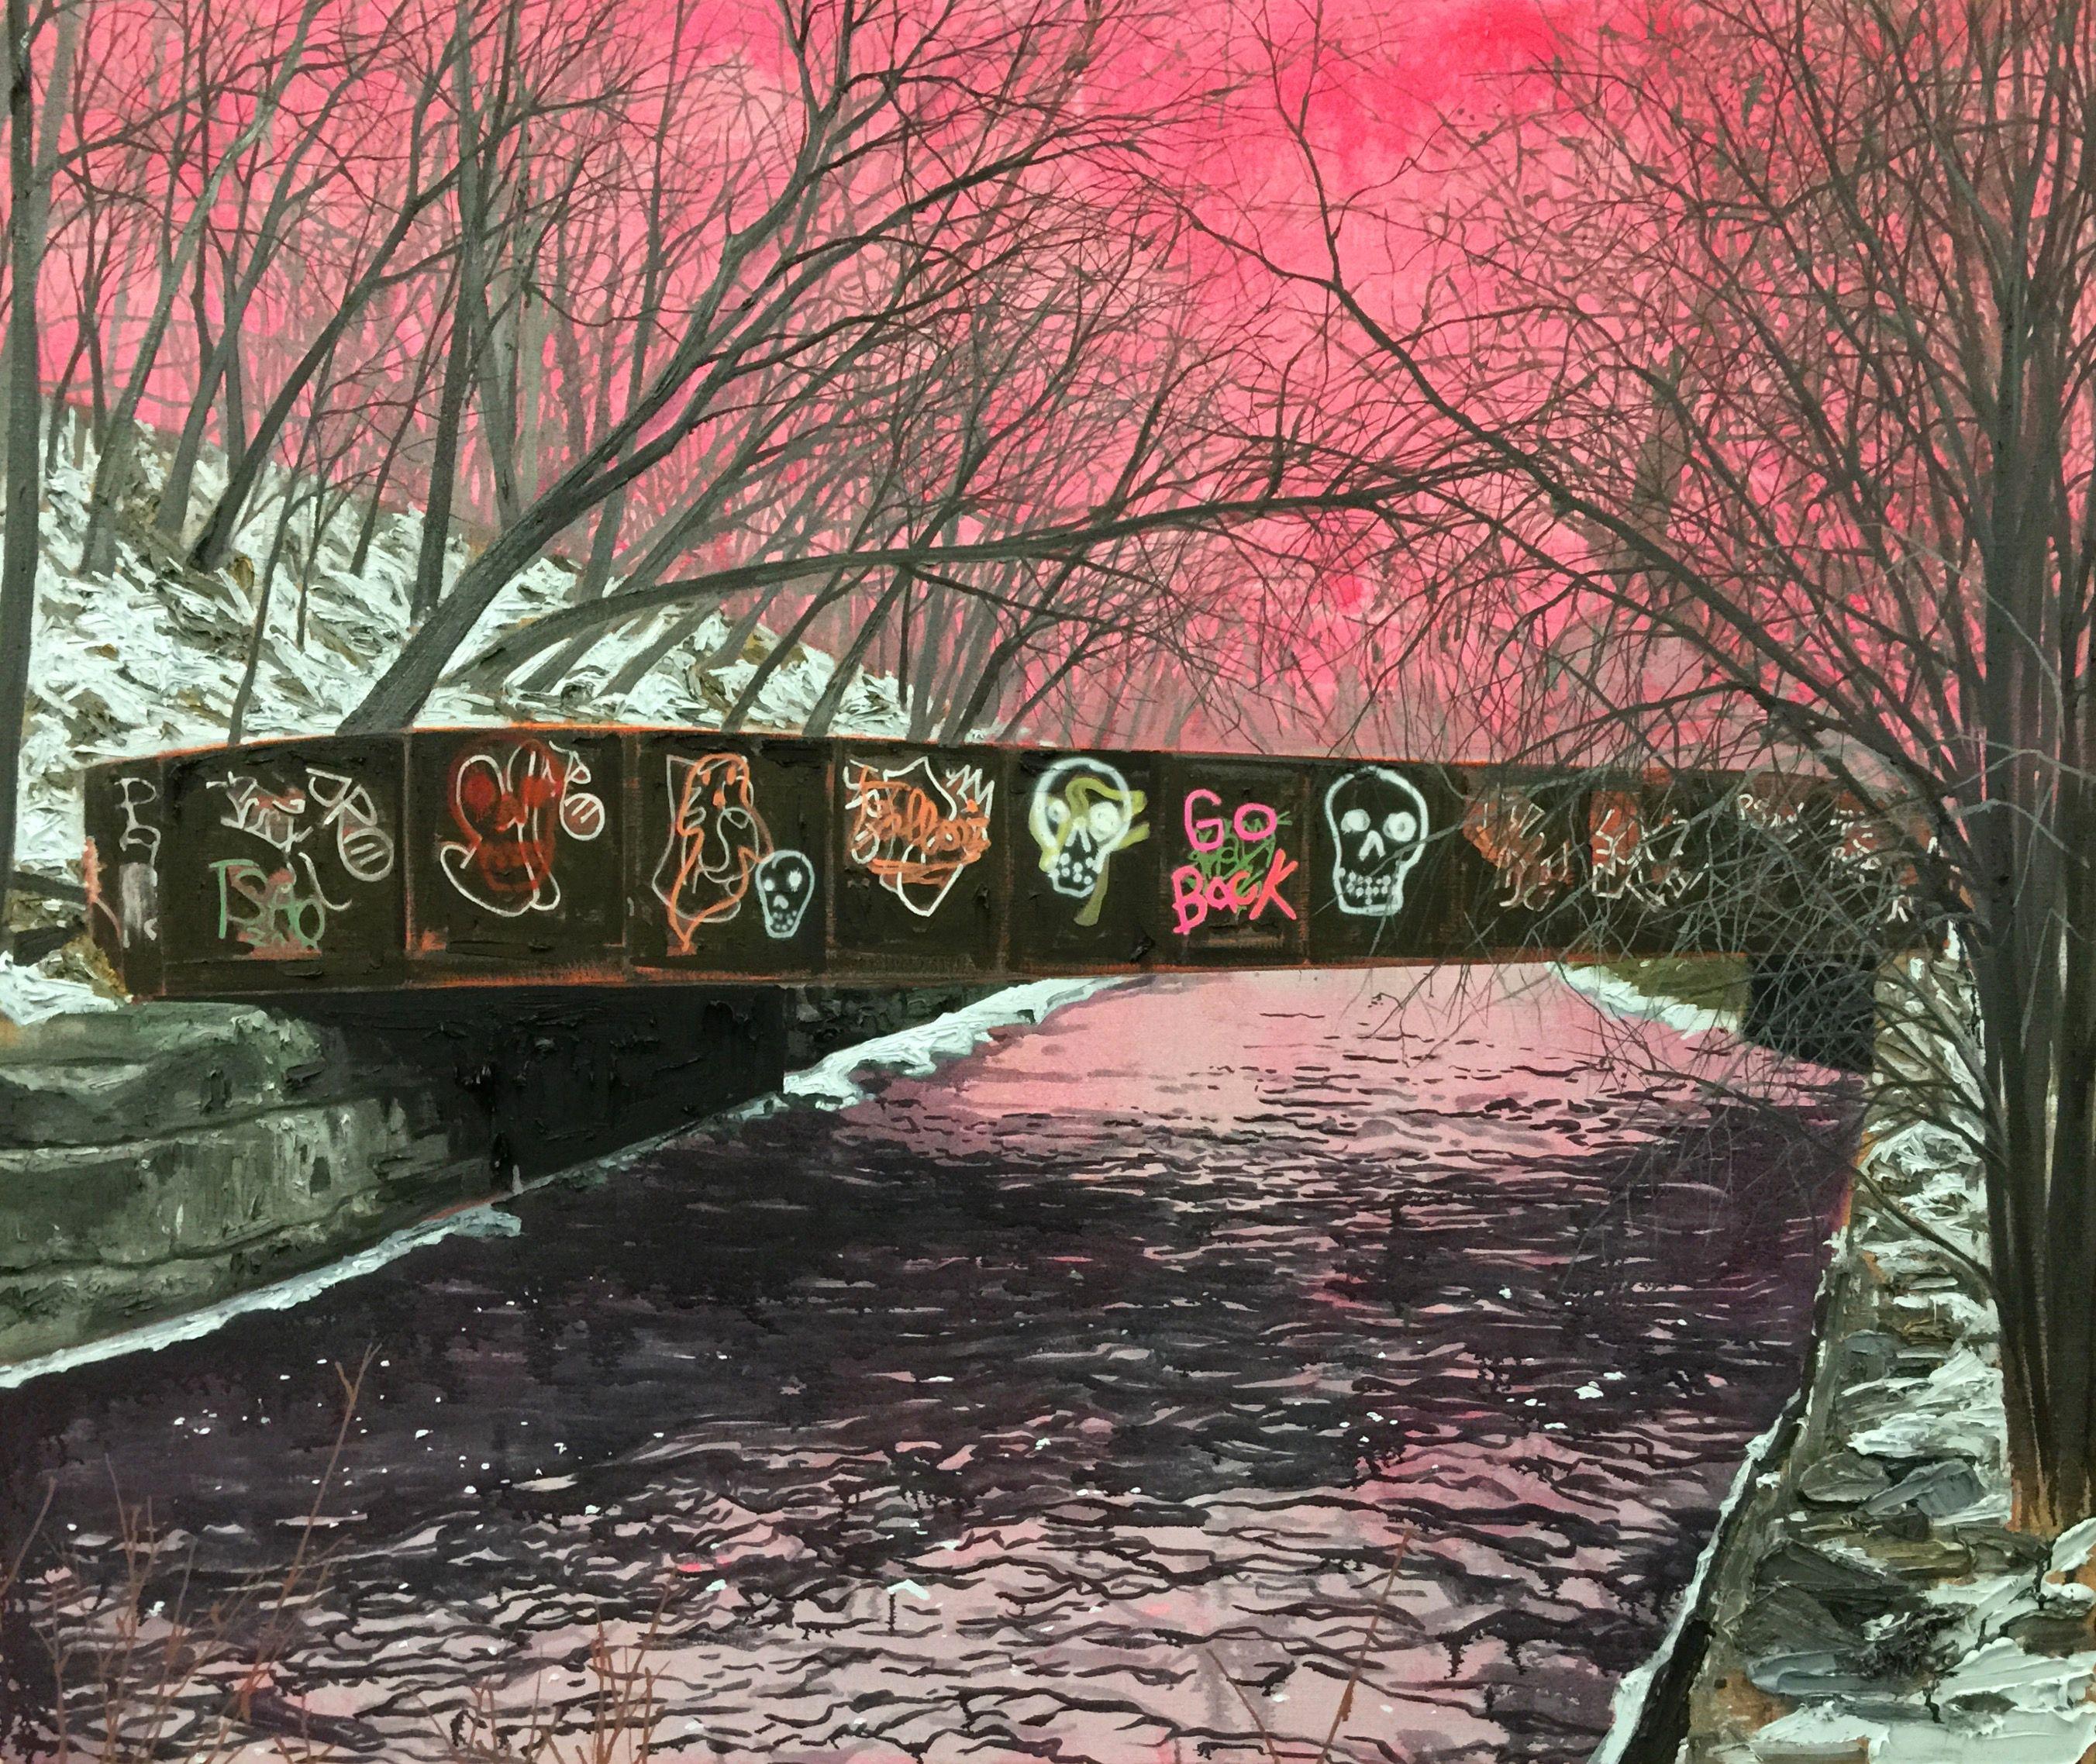 Graffiti art for sale canada - Kim Dorland Paintings Canadian Artstreet Art Graffitiamerican